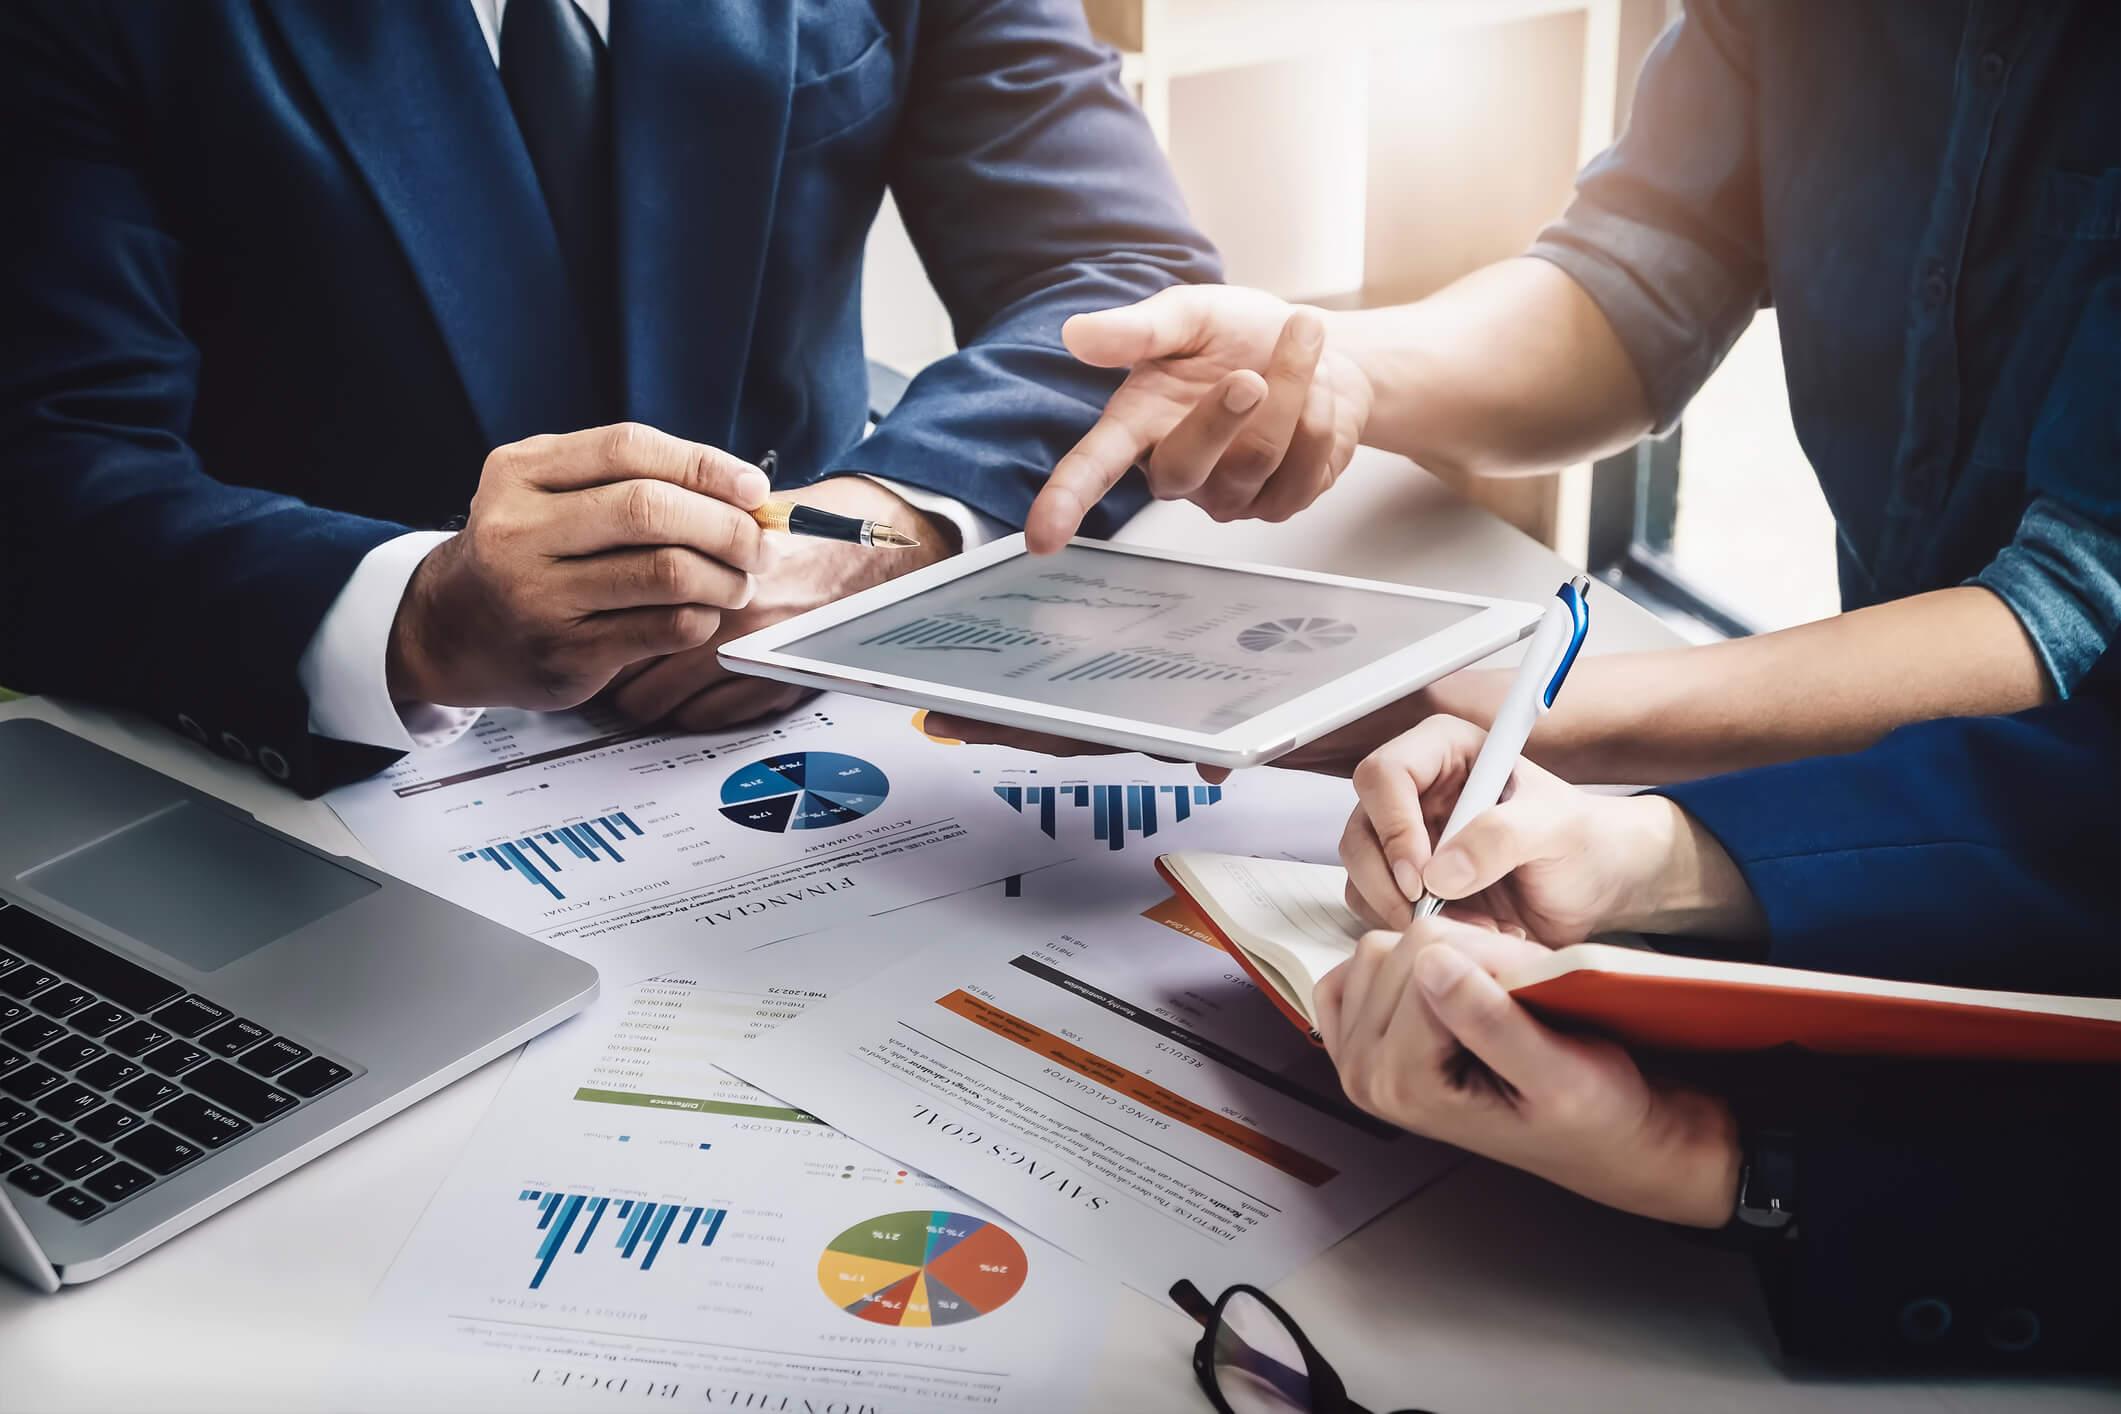 Expansão de negócios: como fazer de forma segura para a empresa?